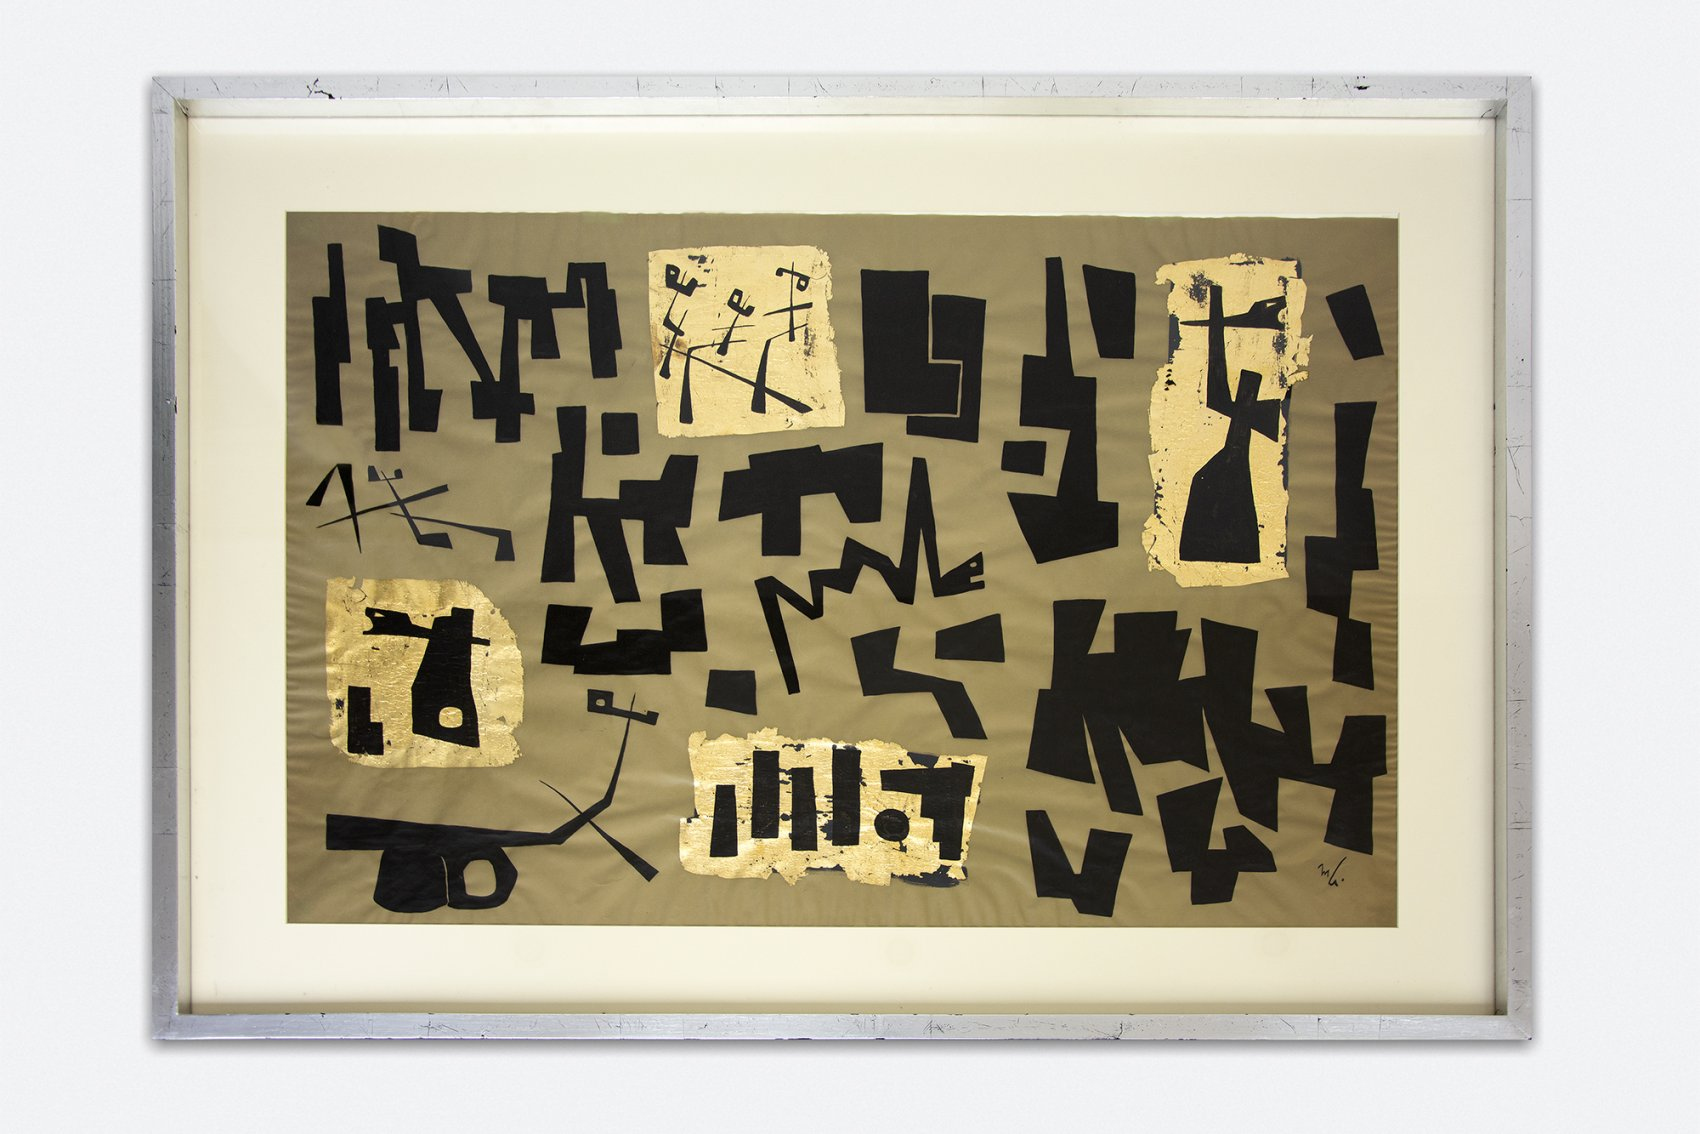 Untitled (1950) - Mathias Goeritz